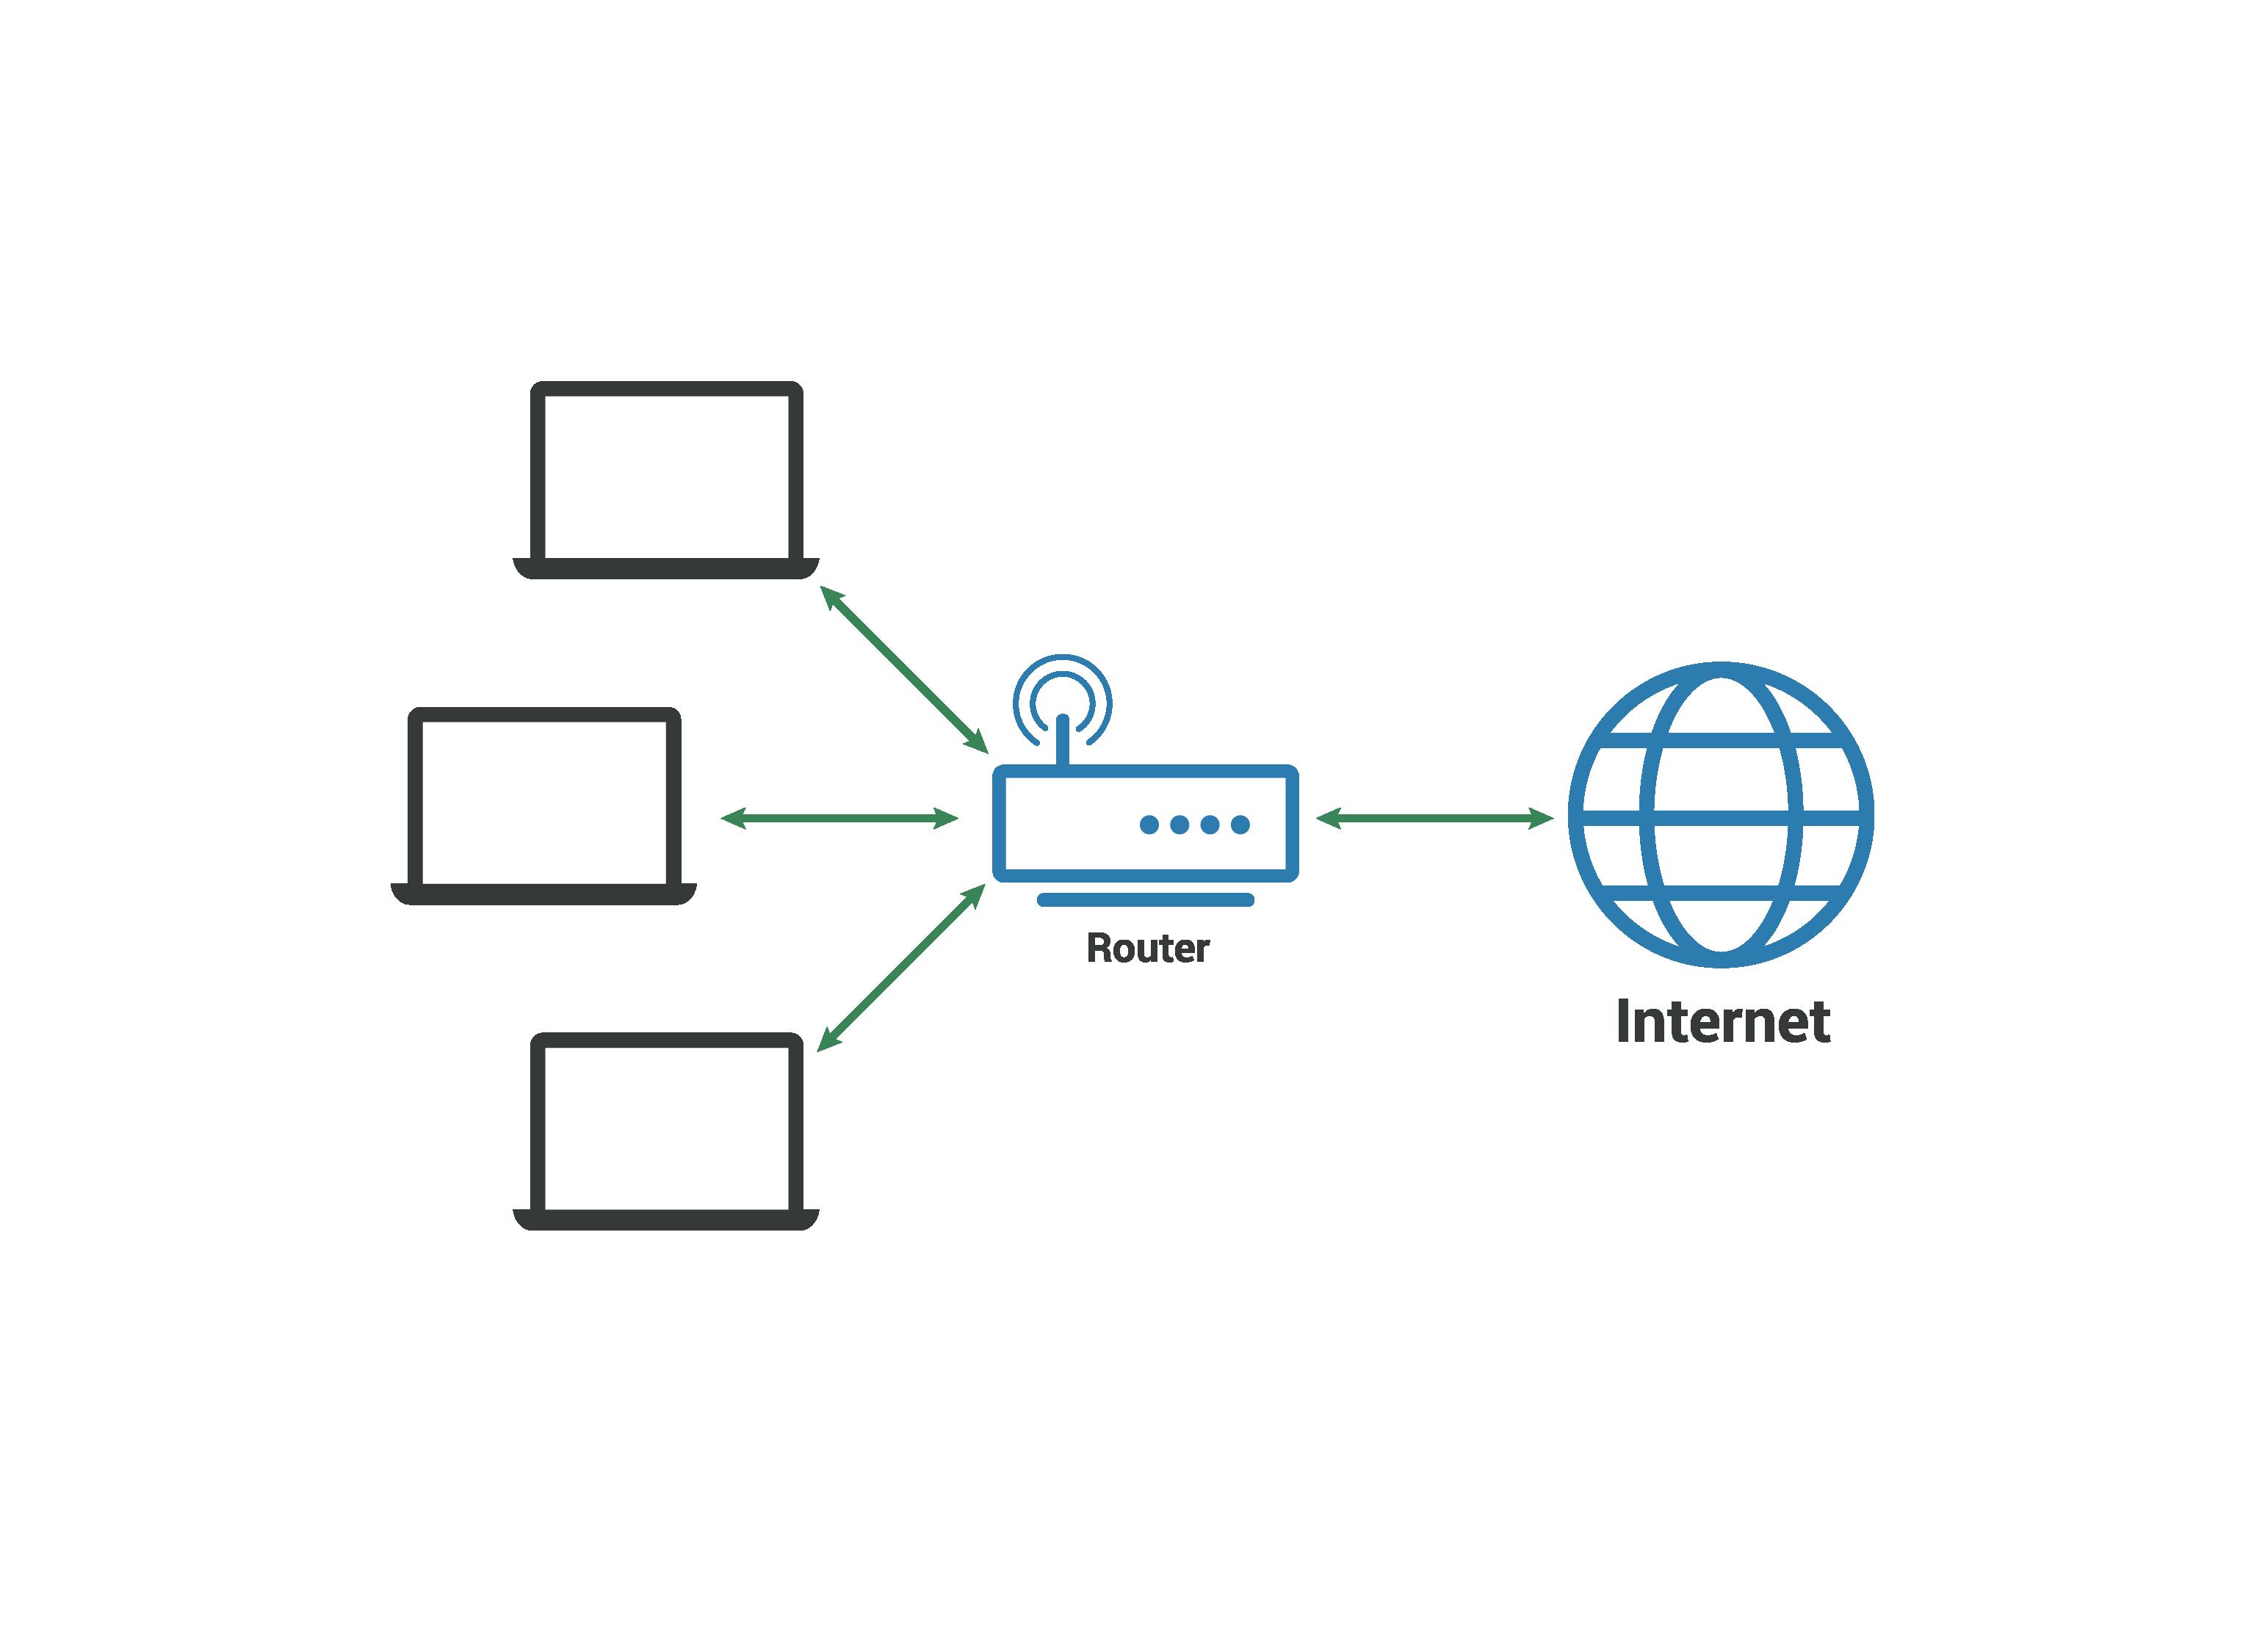 Simple LAN diagram.